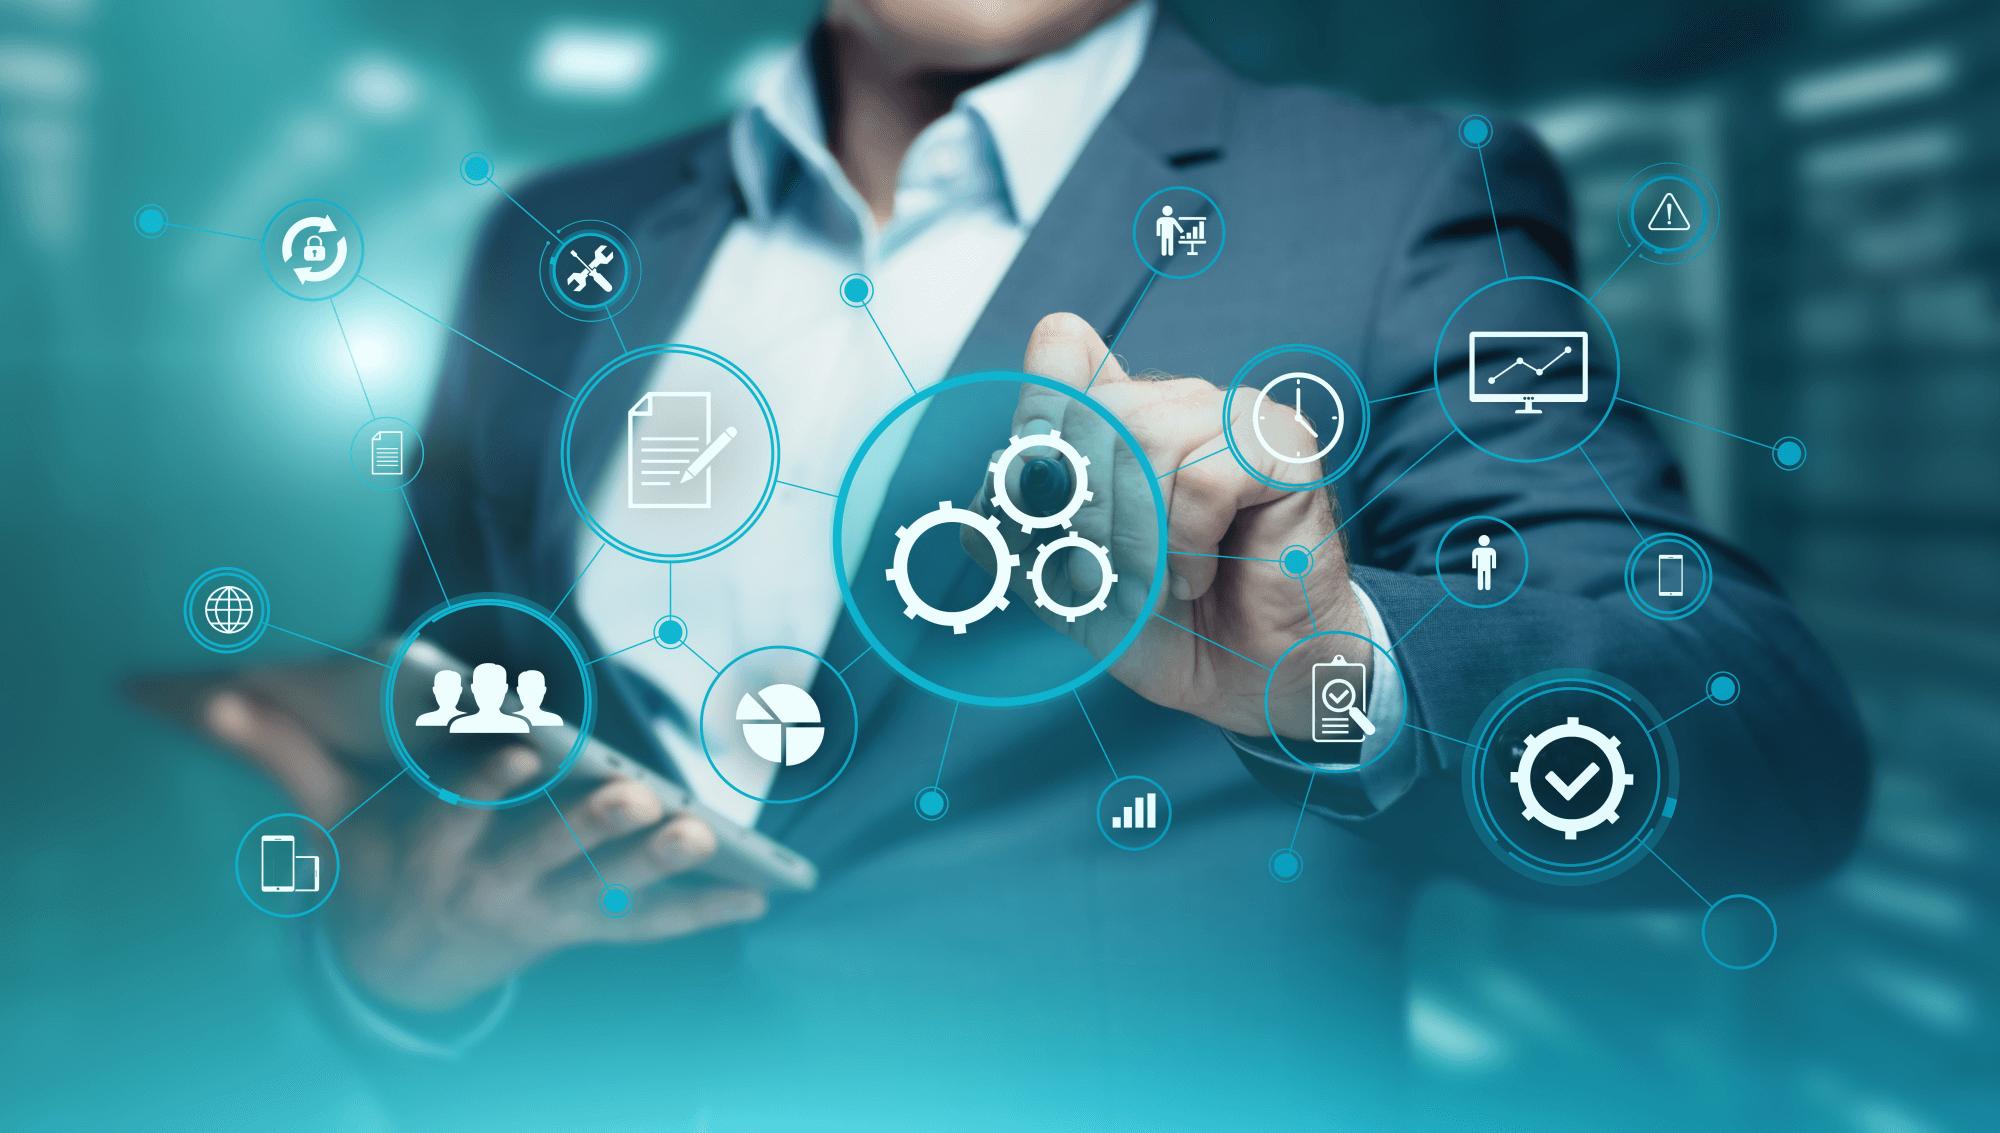 De ethiek van AI en big data   5 ethische principes   Verantwoorde AI